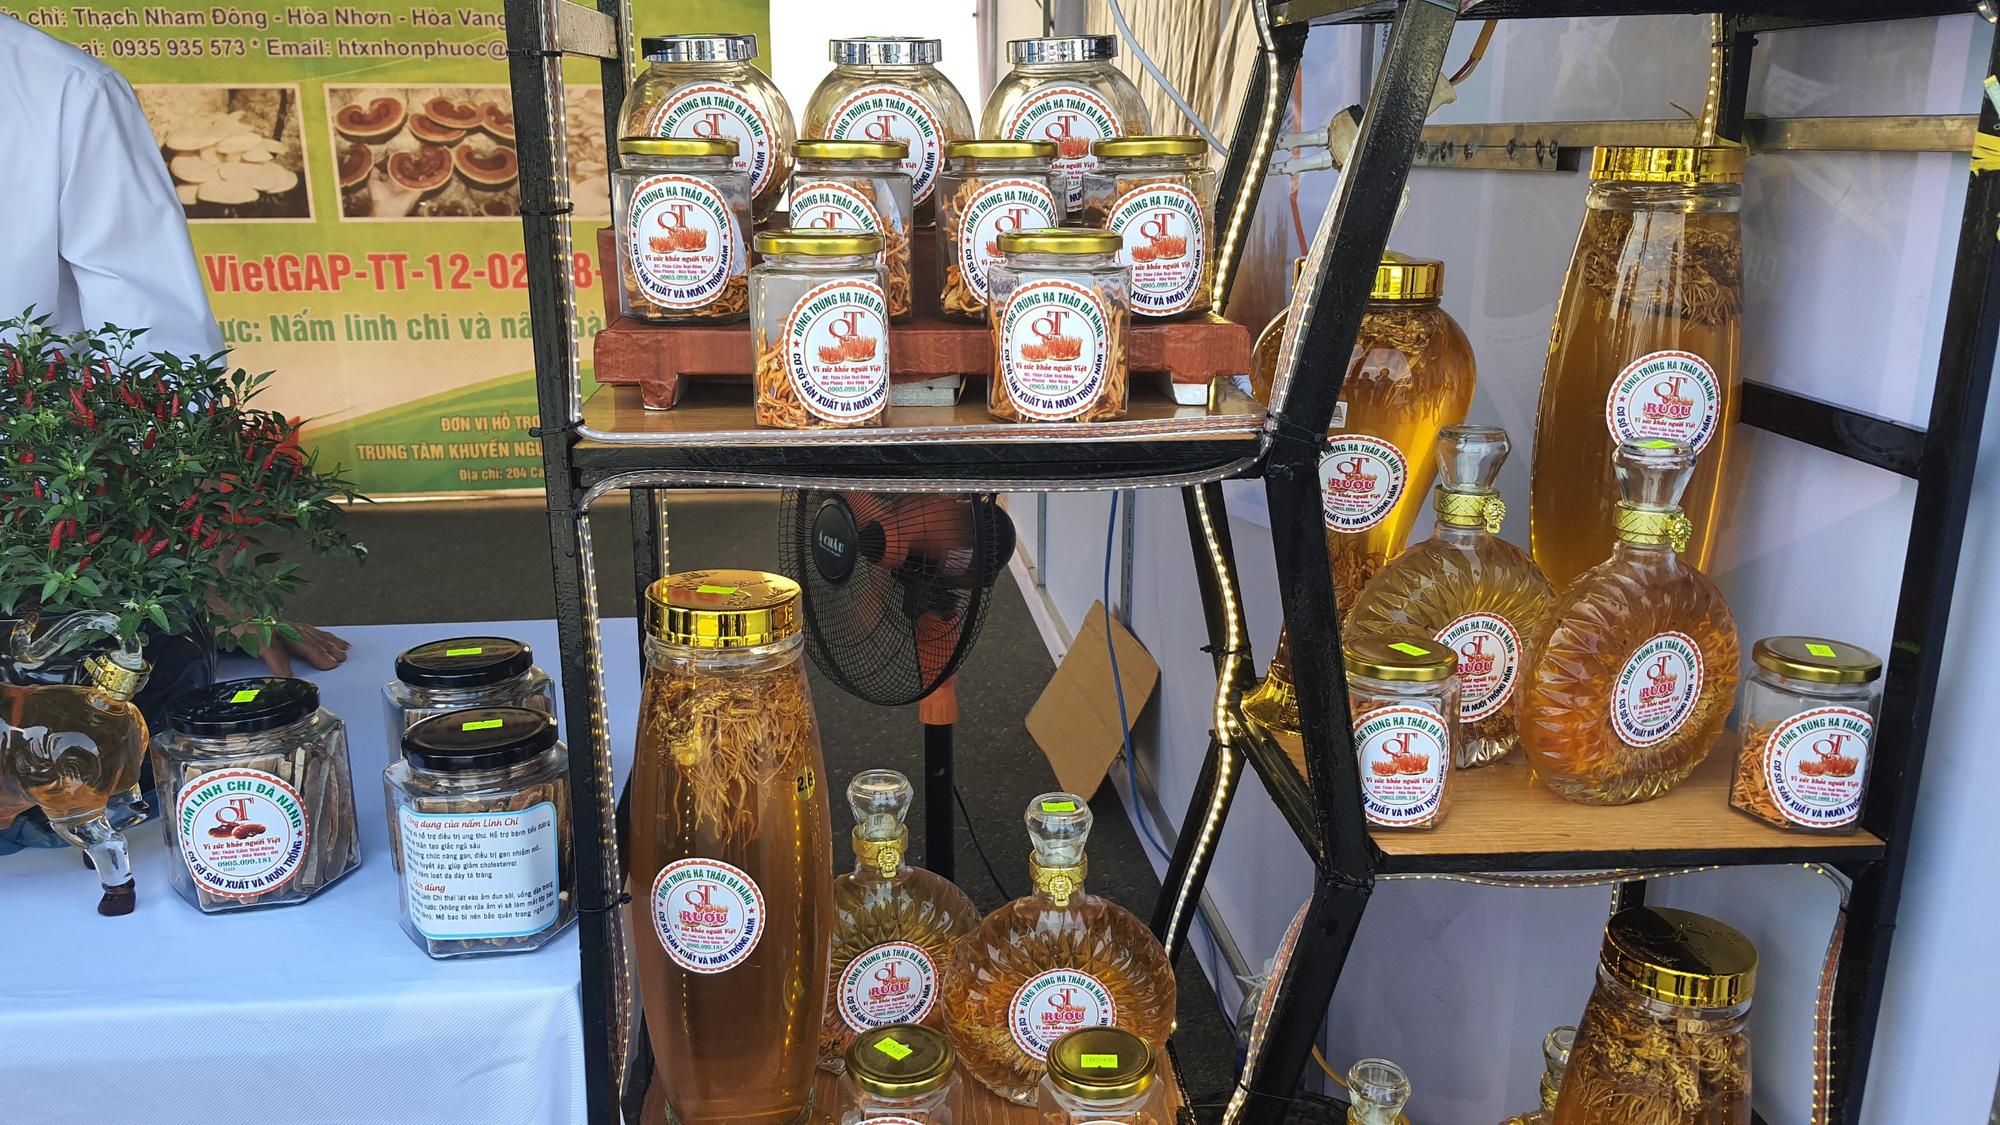 Đà Nẵng: Sản phẩm OCOP, rau sạch hút hàng tại Phiên sợ nông sản - Ảnh 7.